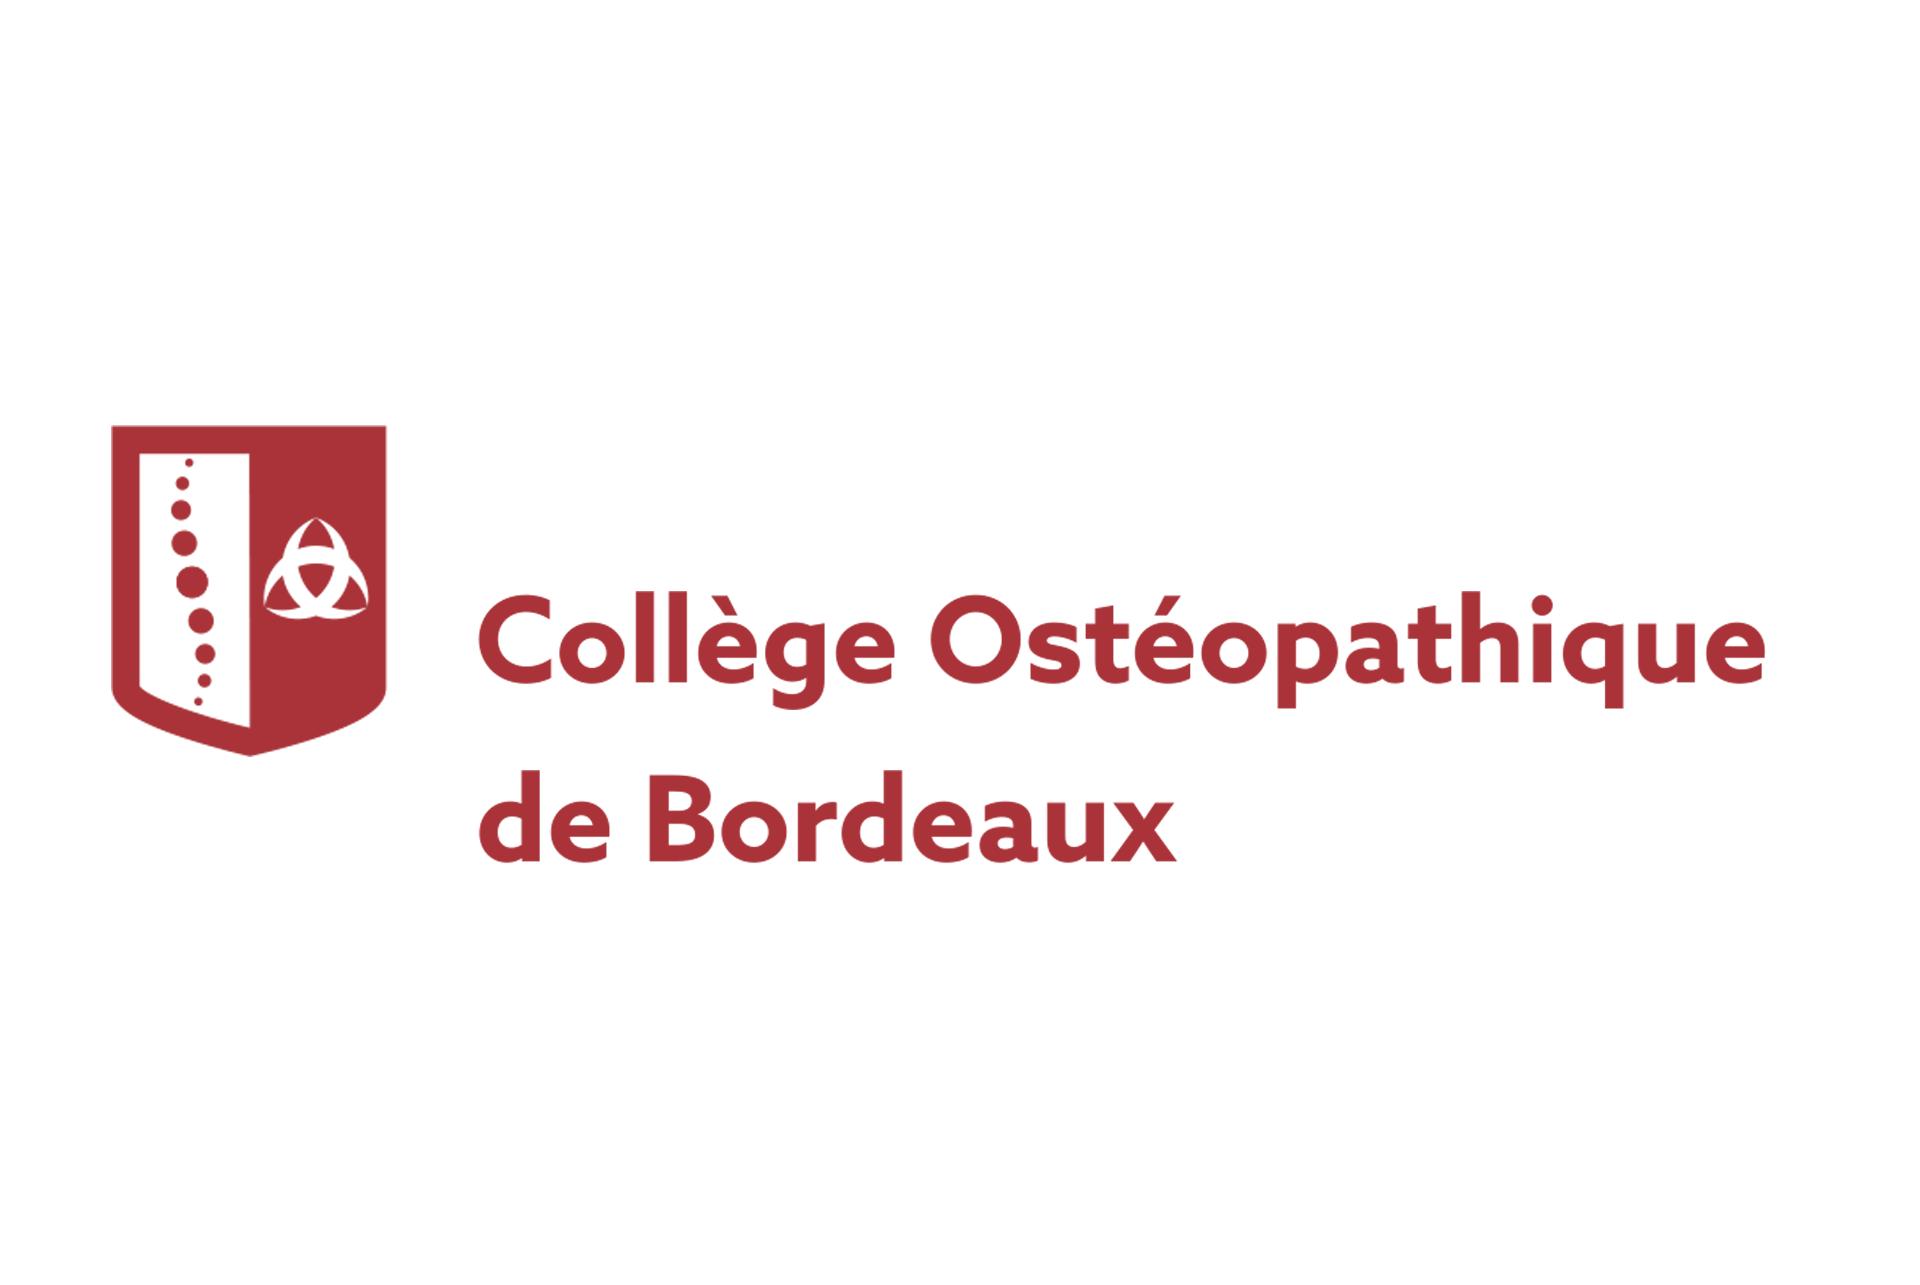 logo-cob-bordeaux-osteopathie